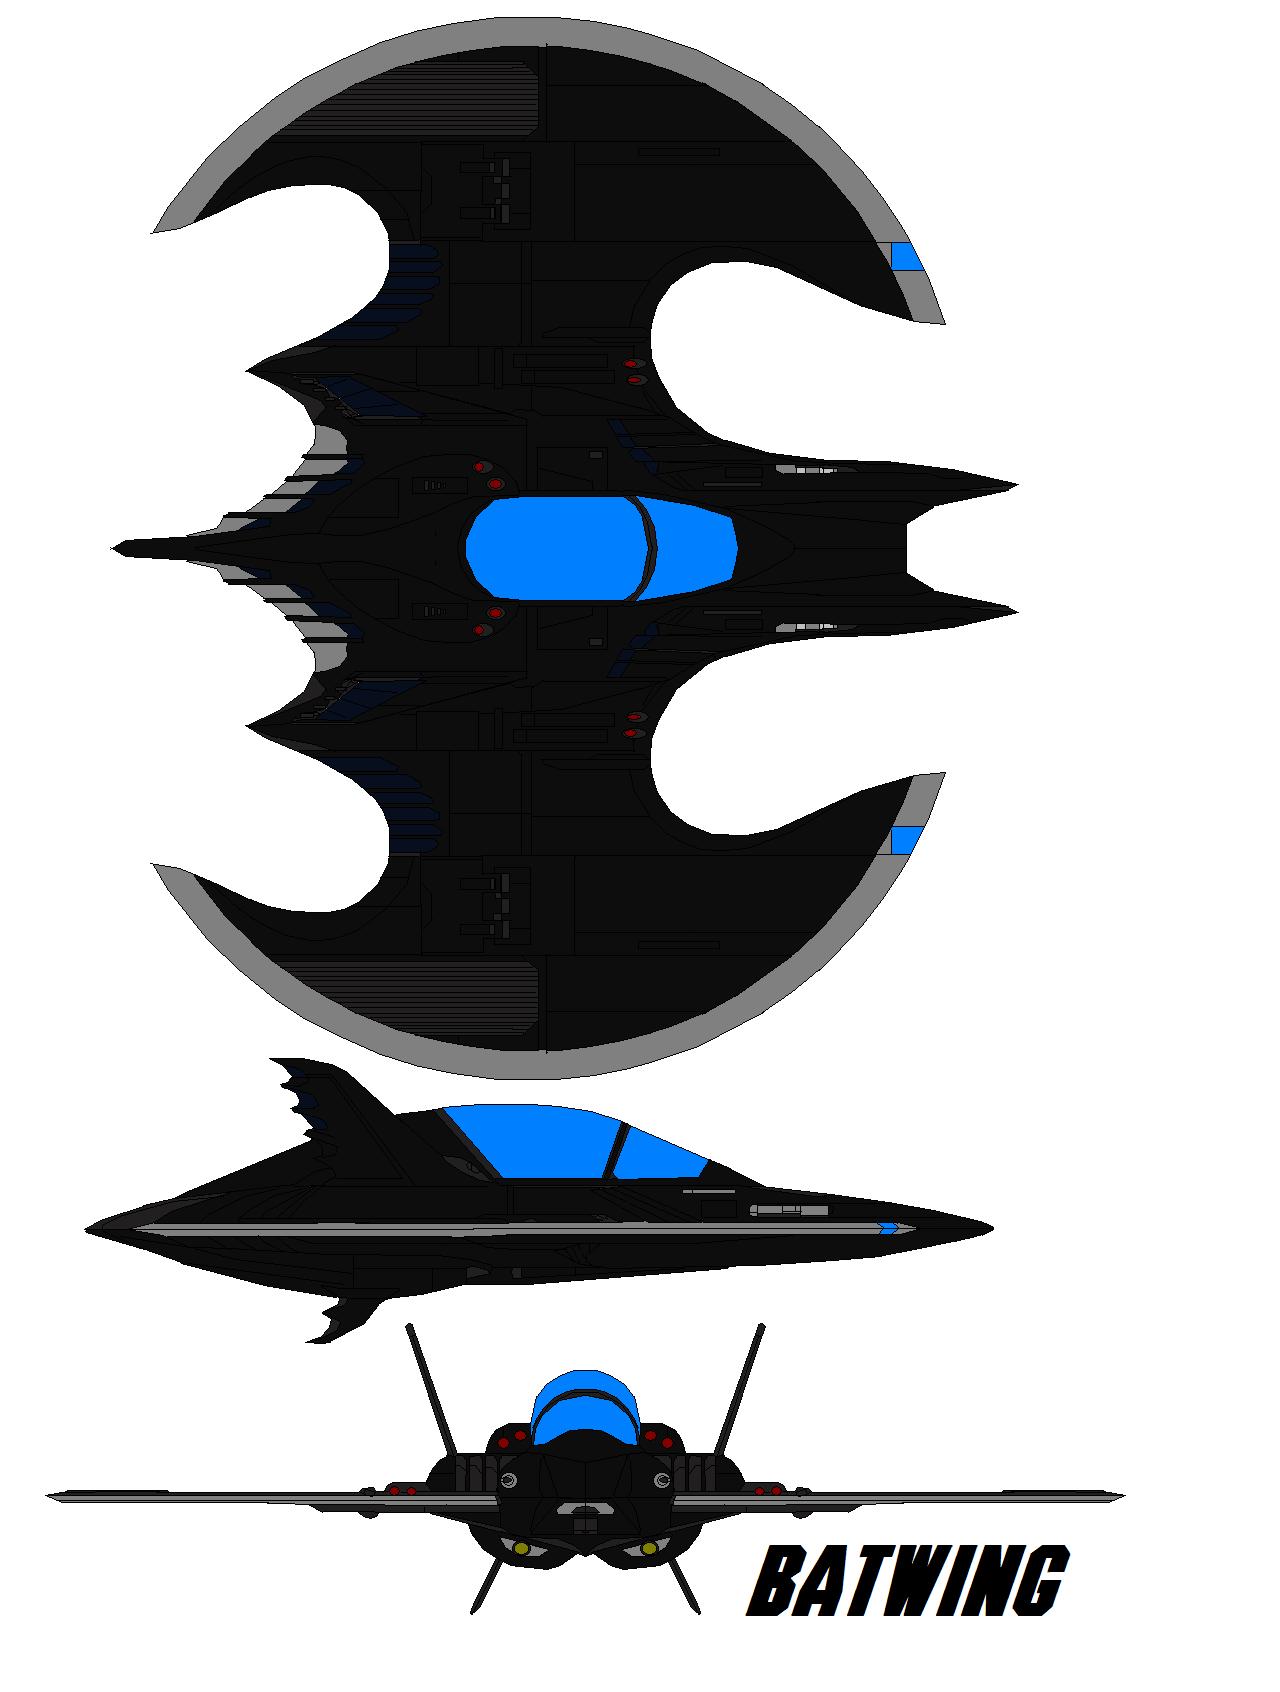 Batwing For A Suzuki Intruder Lc